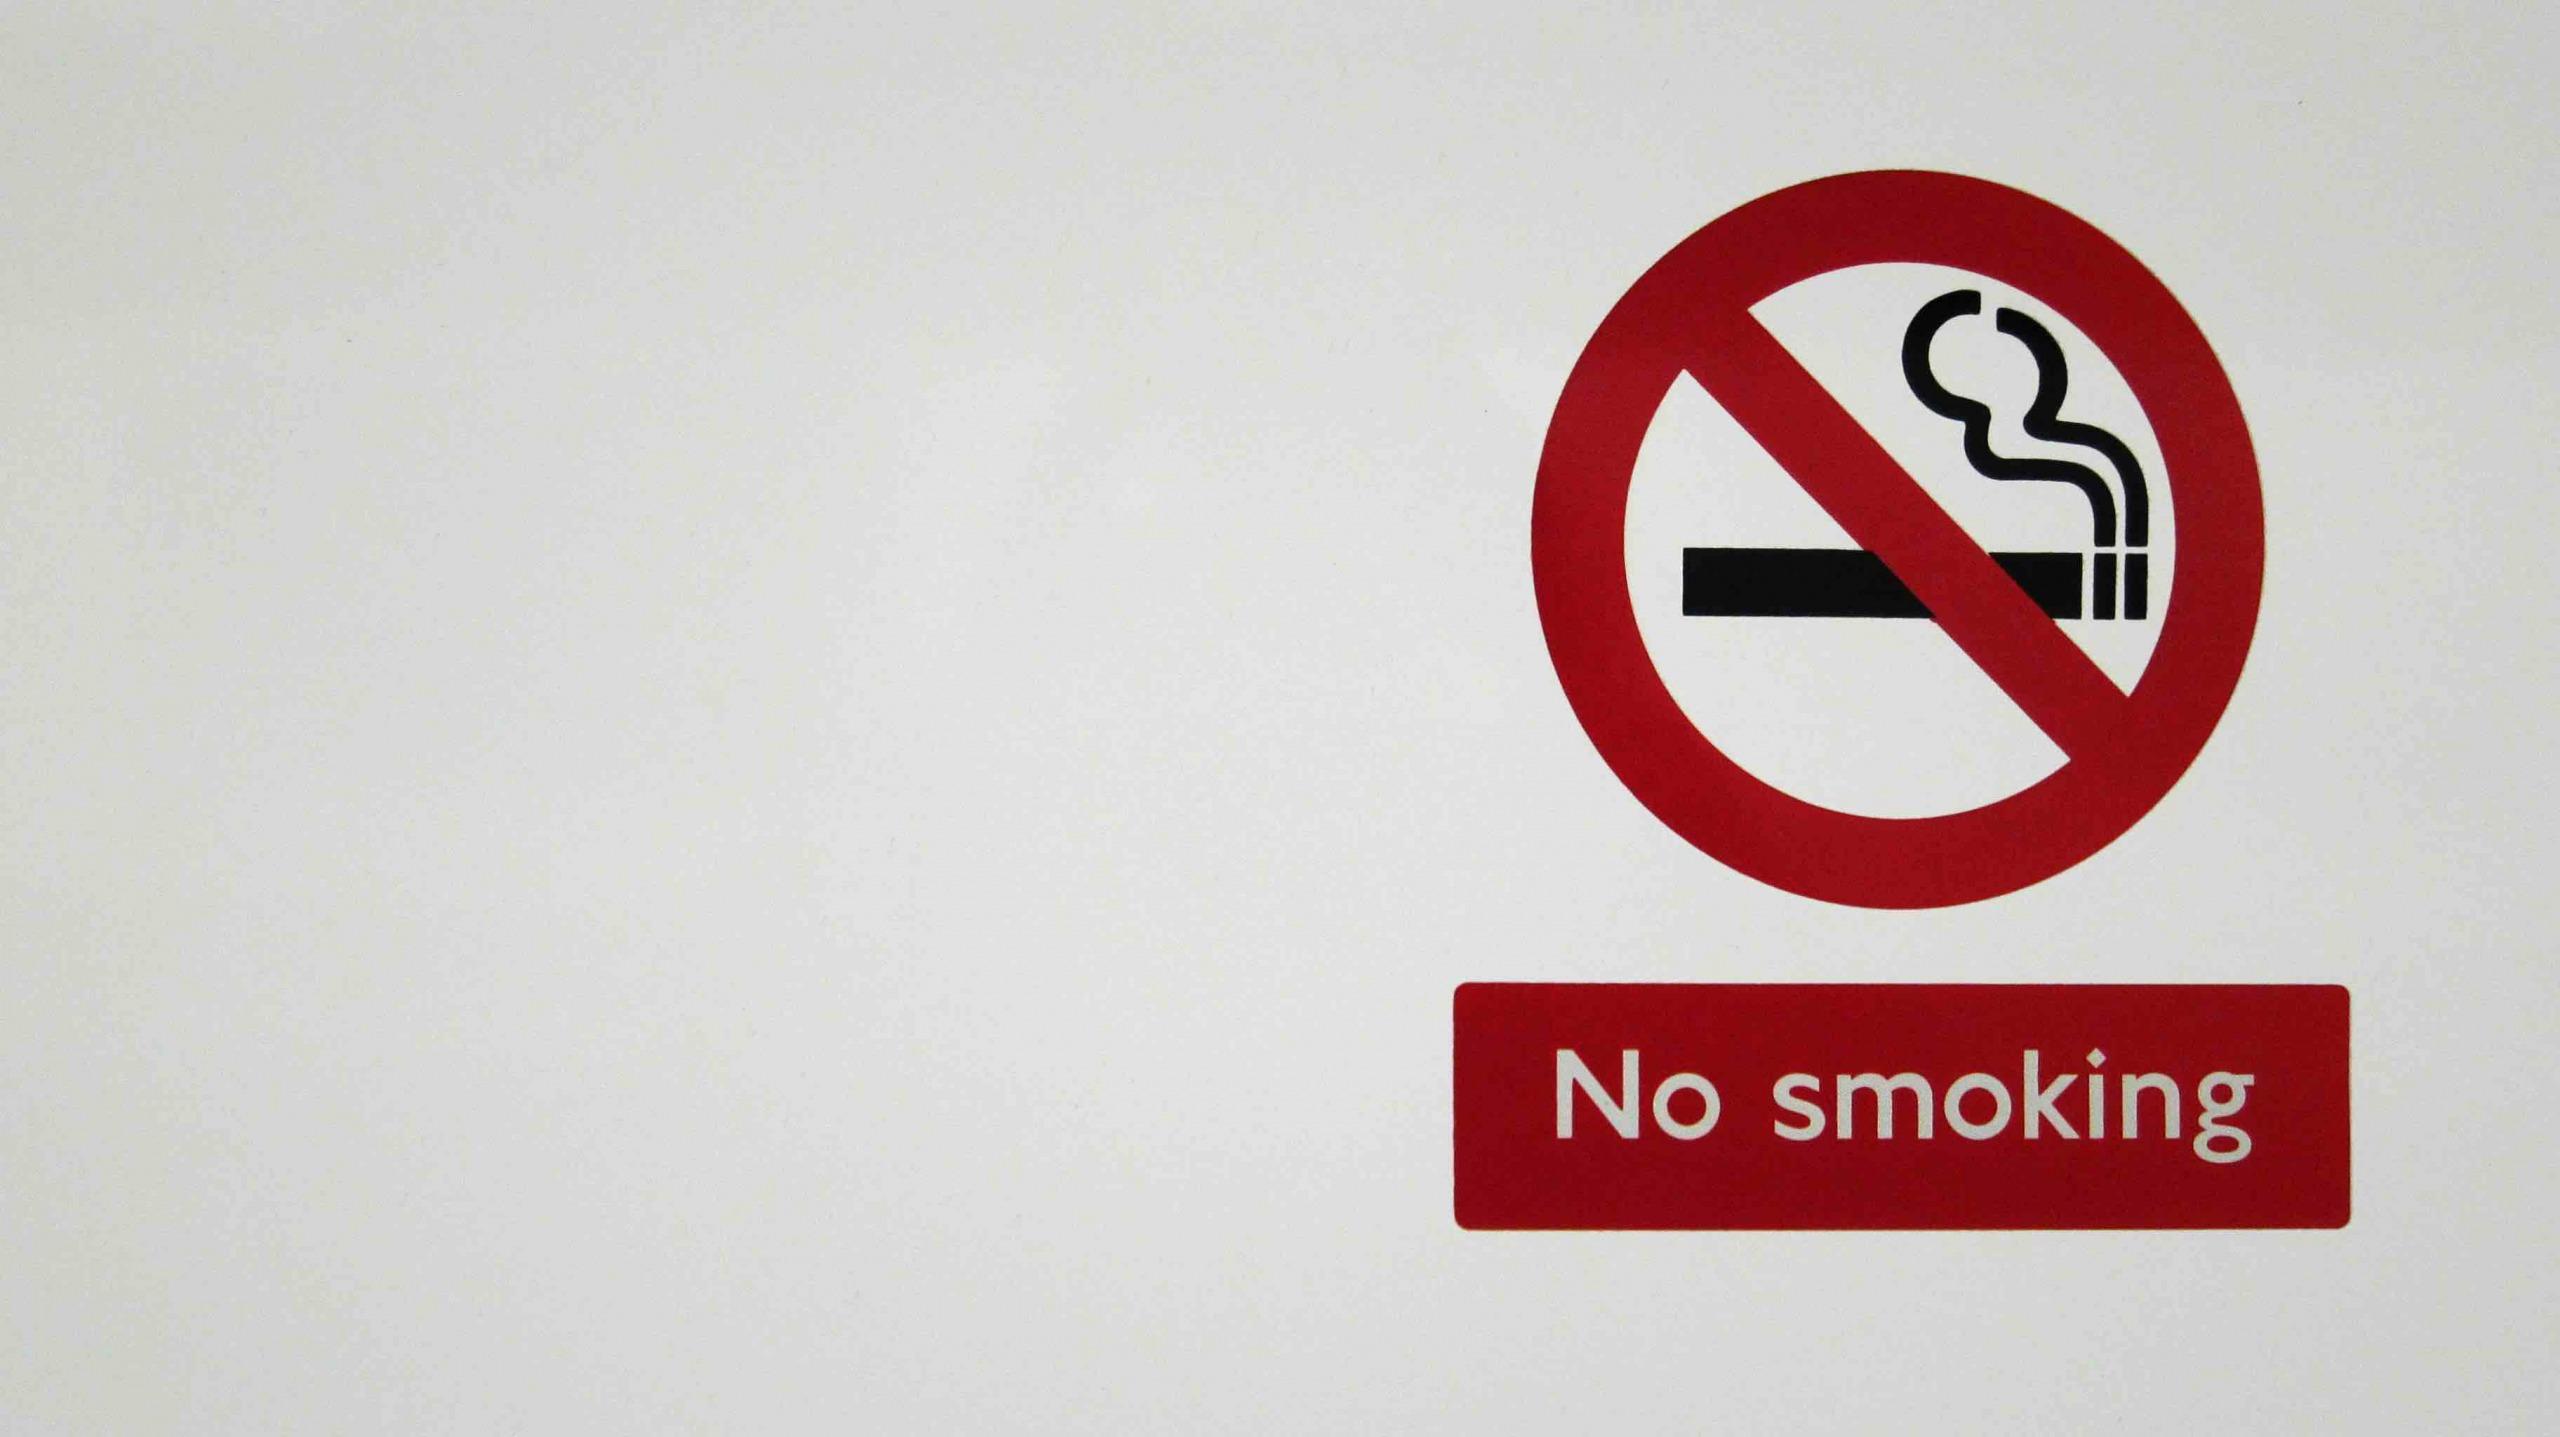 Június 1. a dohányzásellenes nap, Május 31 – dohányzás ellenes világnap | OrosCafé